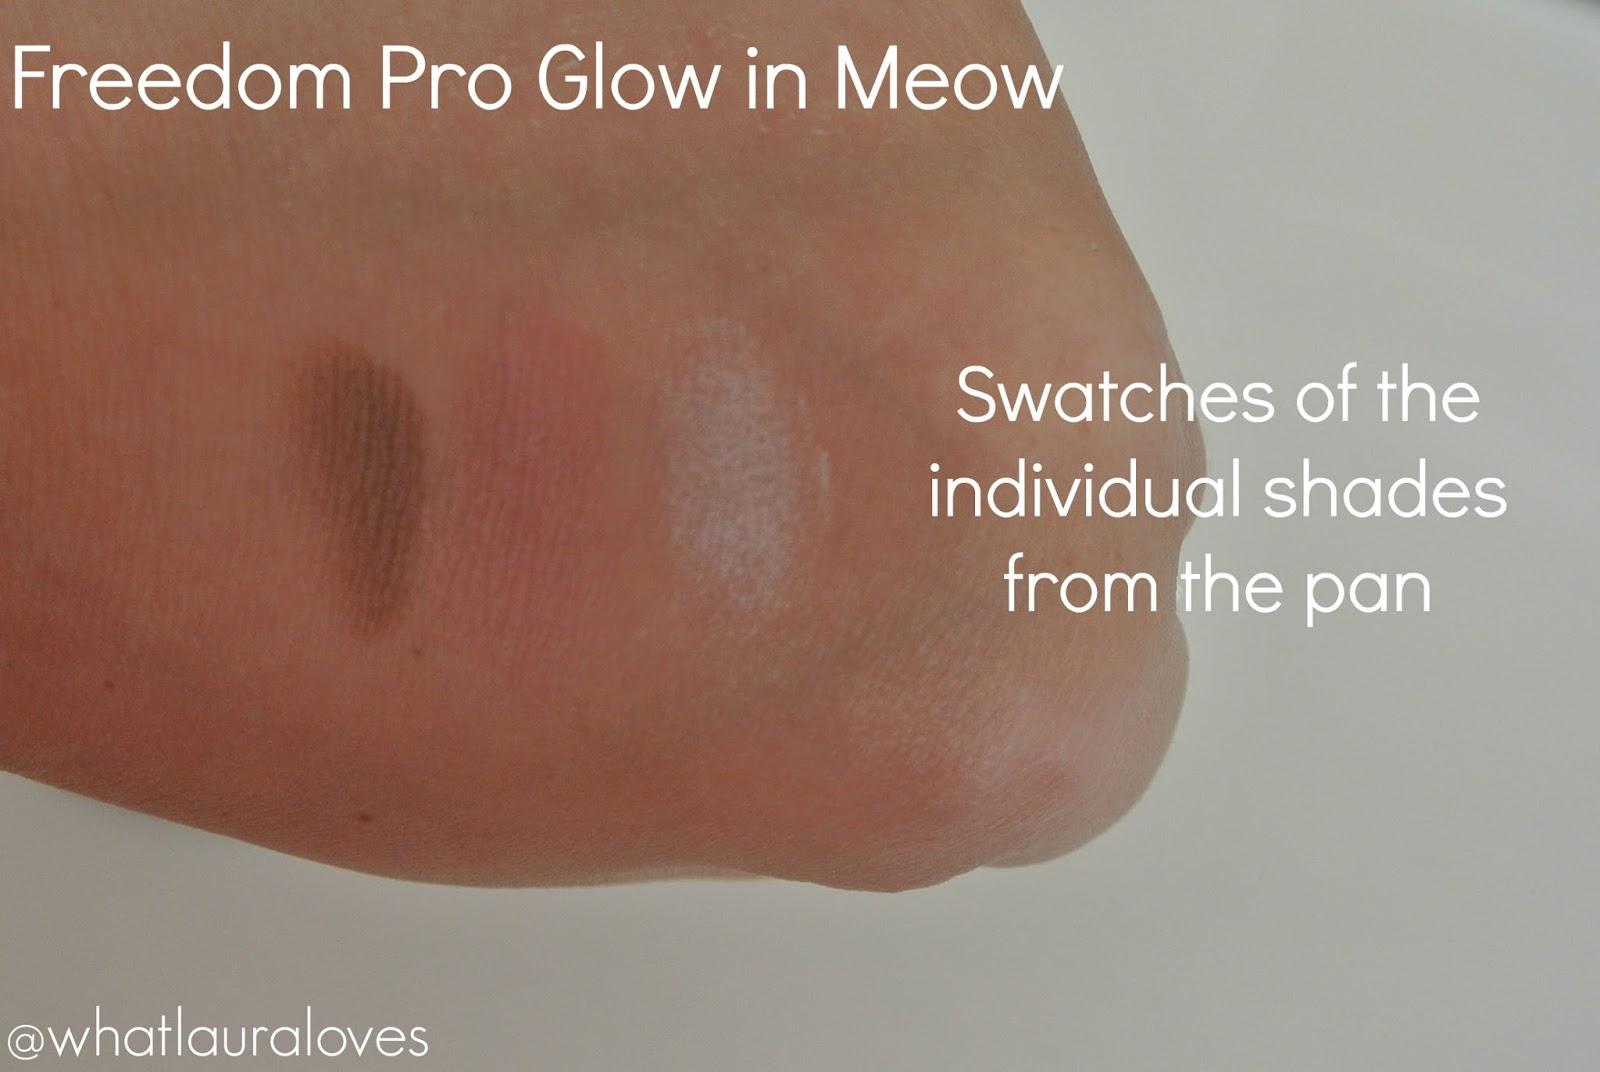 Freedom Pro Glow powder Meow swatch Beauty Crowd review